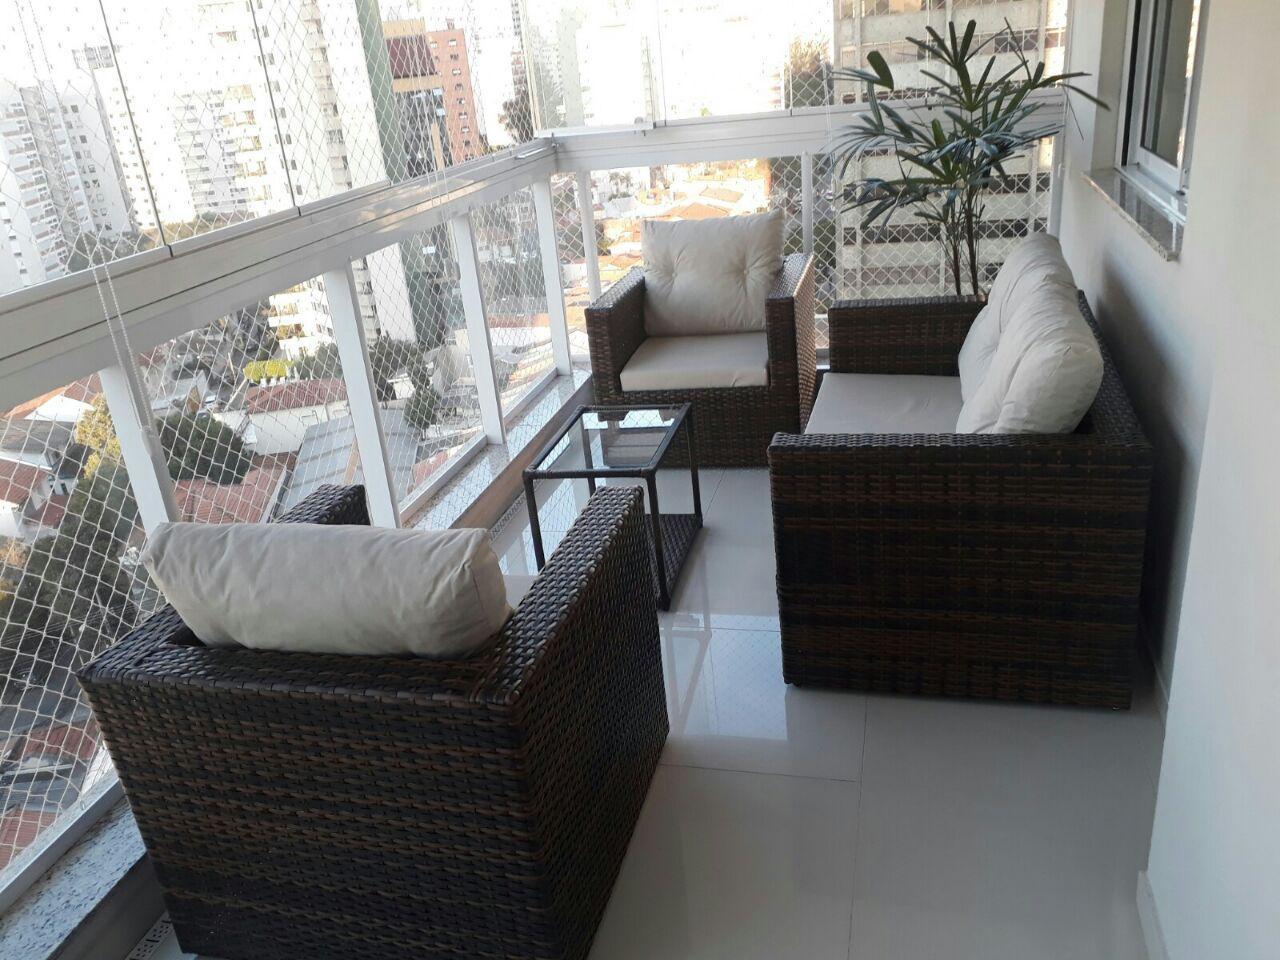 mam-moveis-conjunto-de-sofas-conjunto-de-sofa-com-poltronas-em-fibra-sintetica-para-terracos-varanda-perdizes